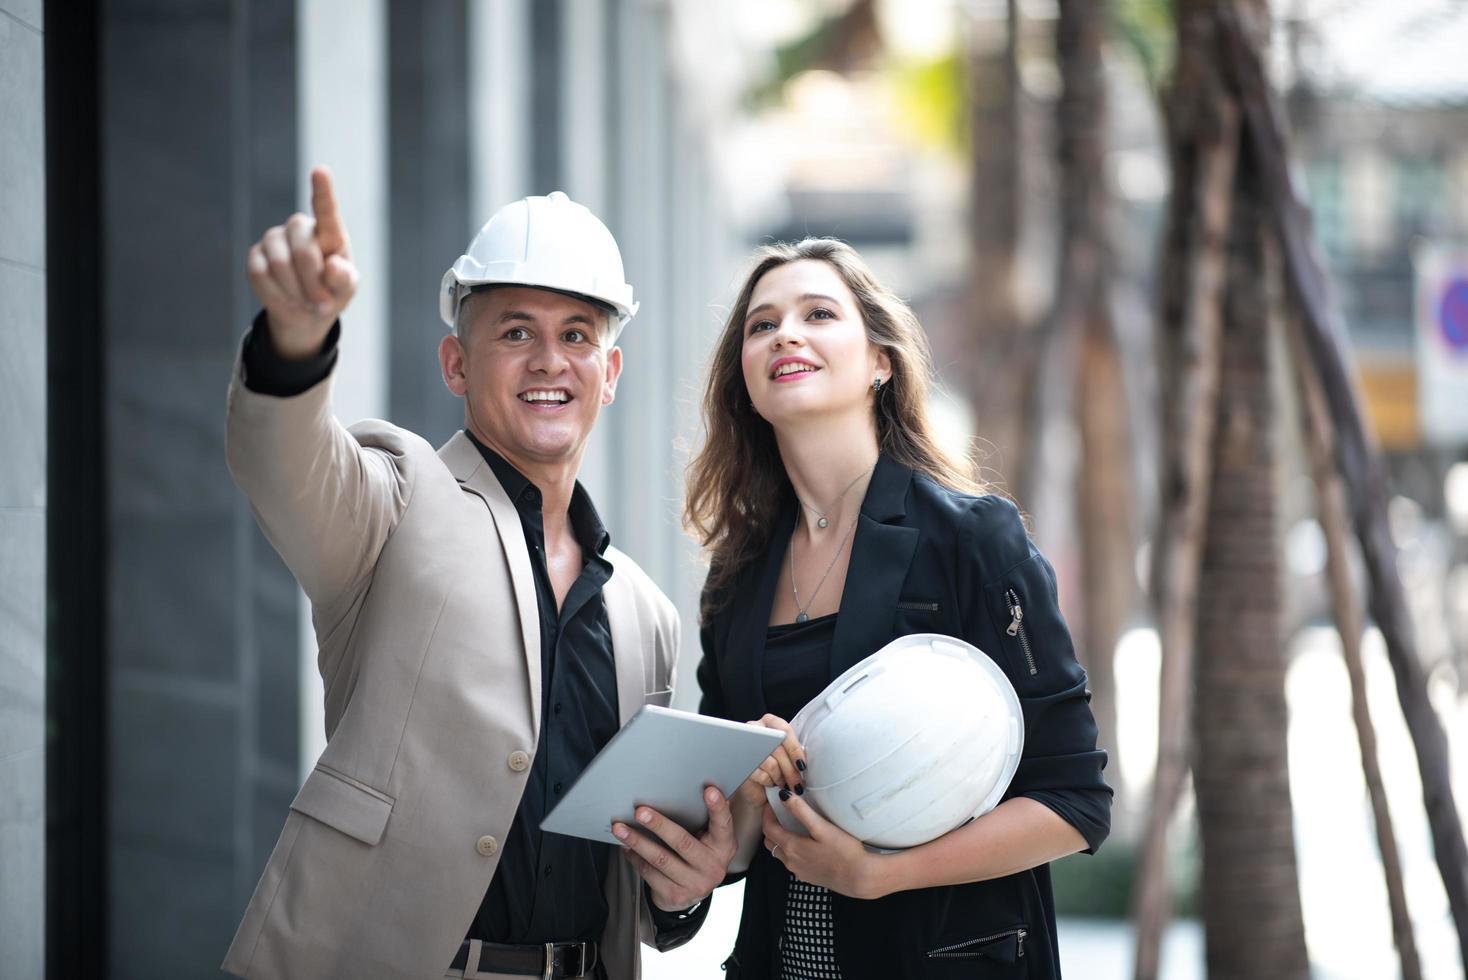 två arbetare som inspekterar en byggarbetsplats foto